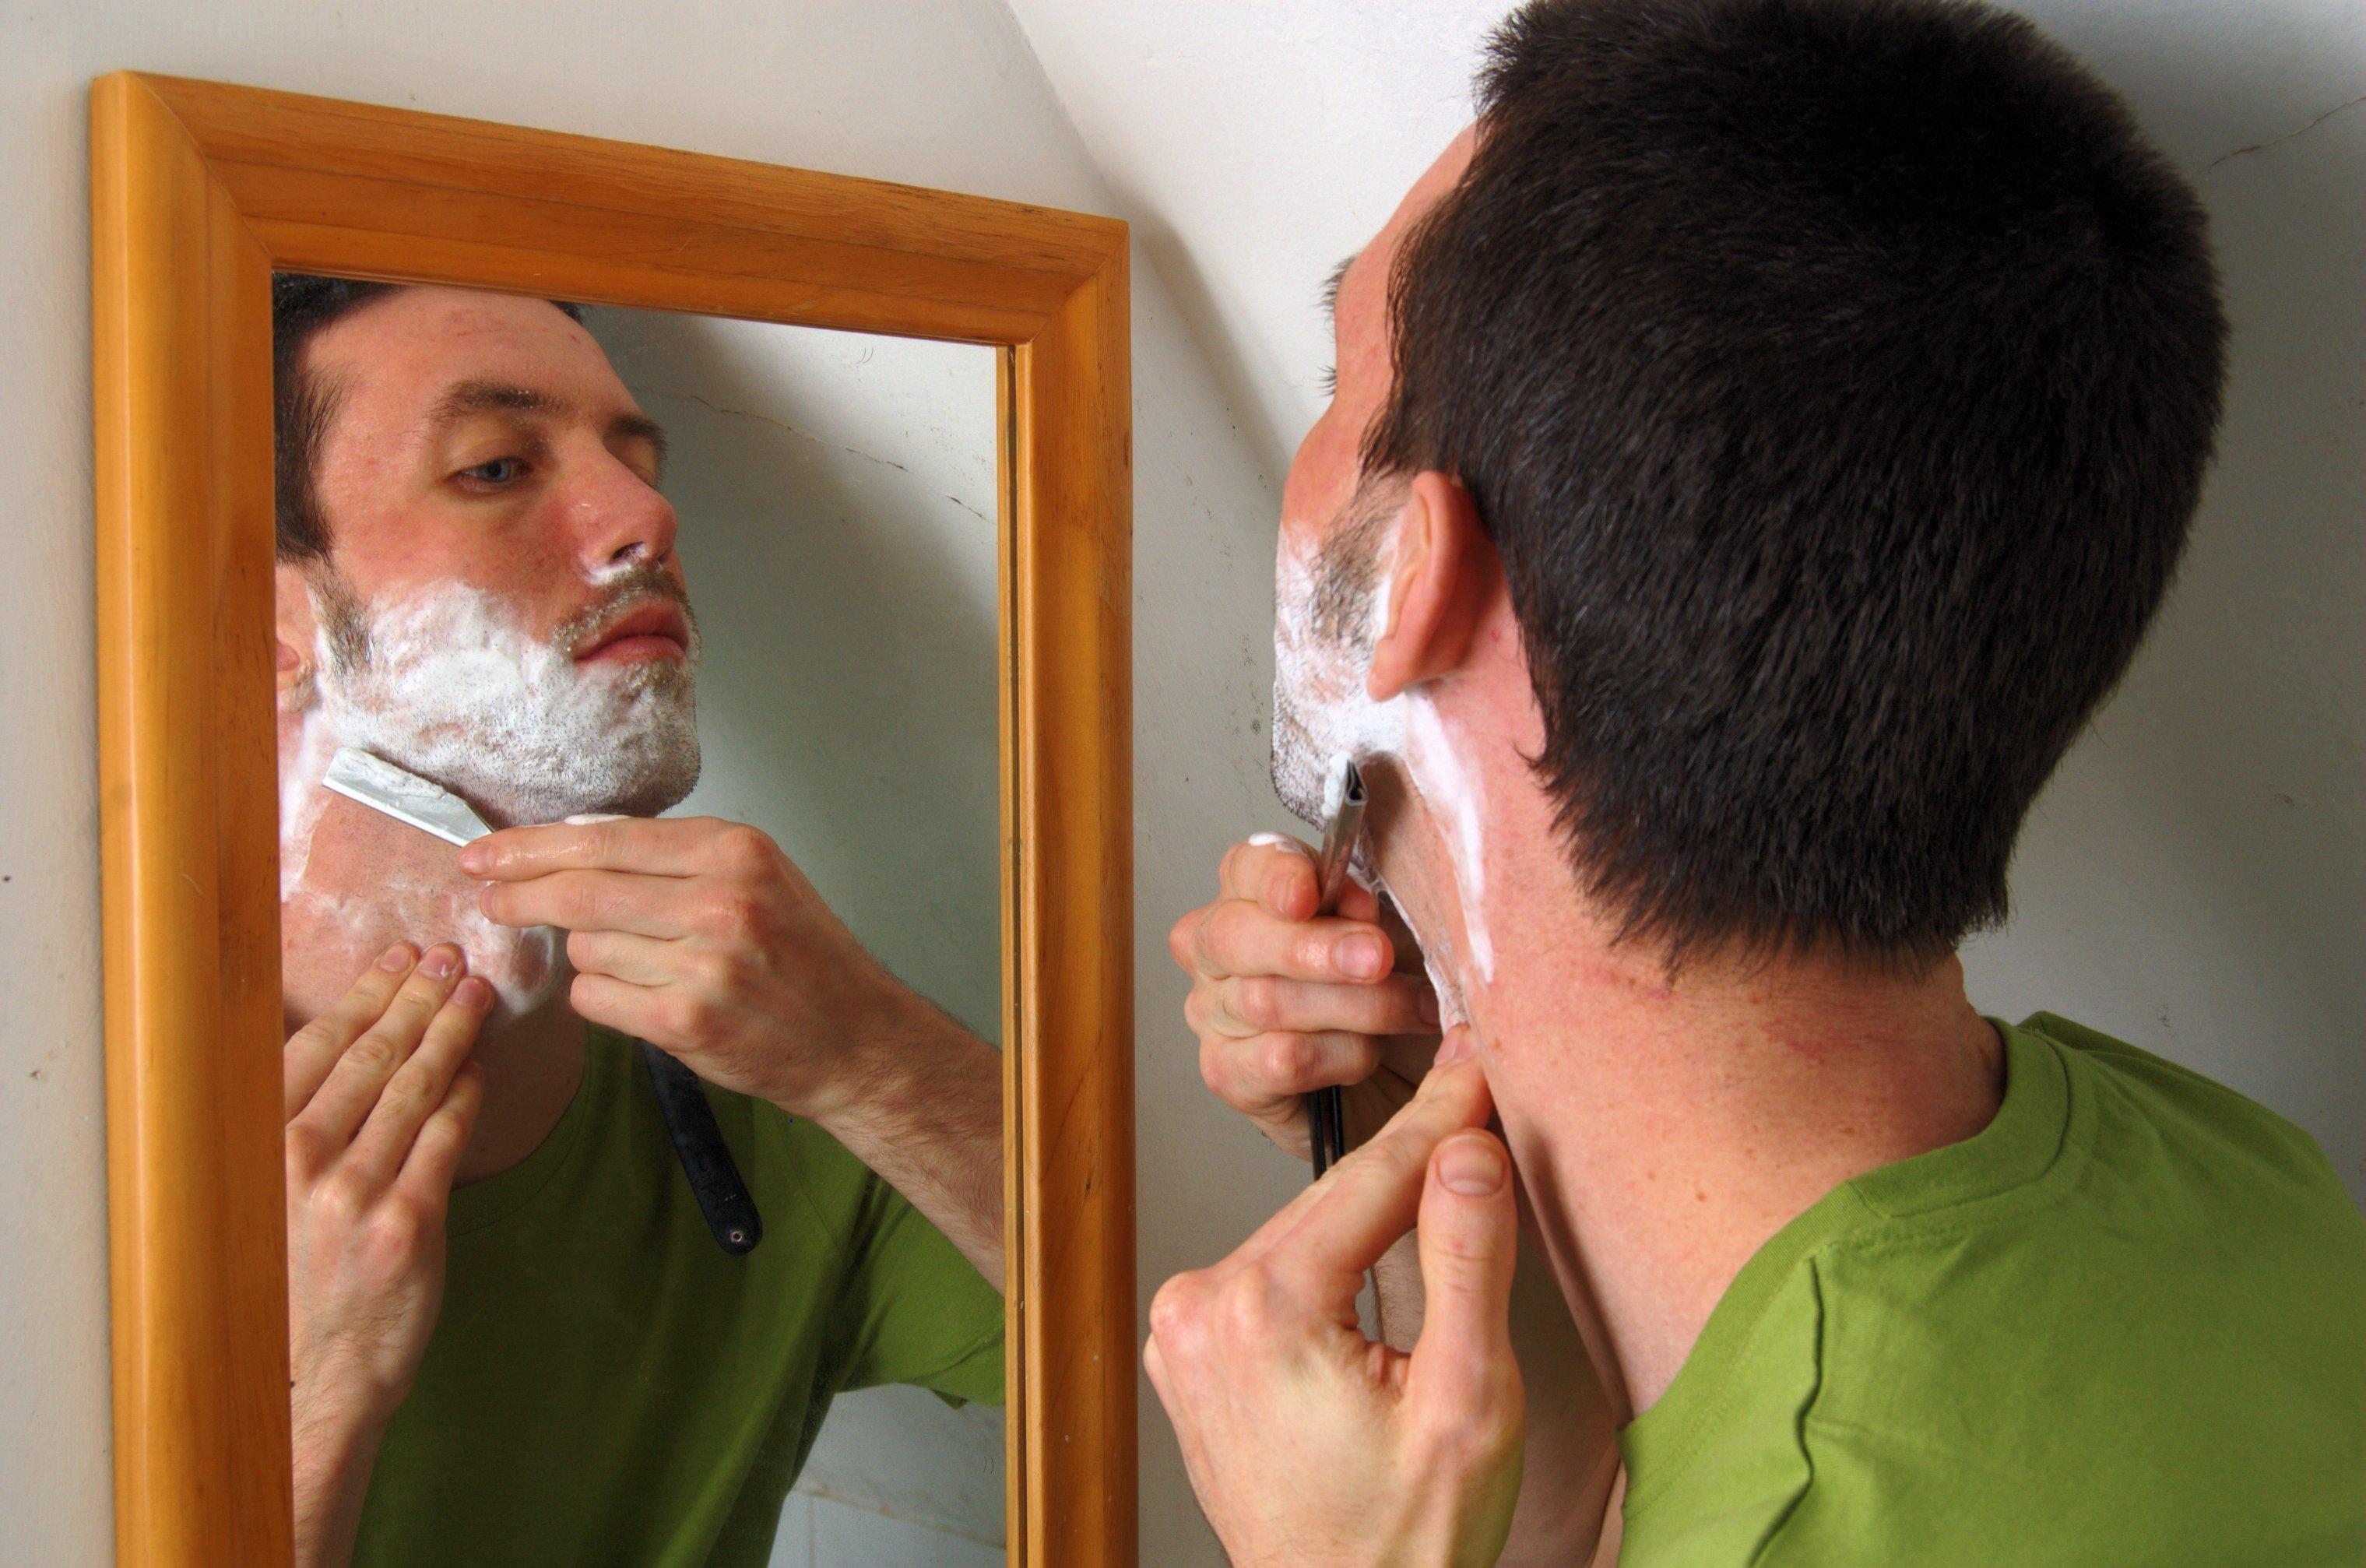 Shaving leslie norris tah